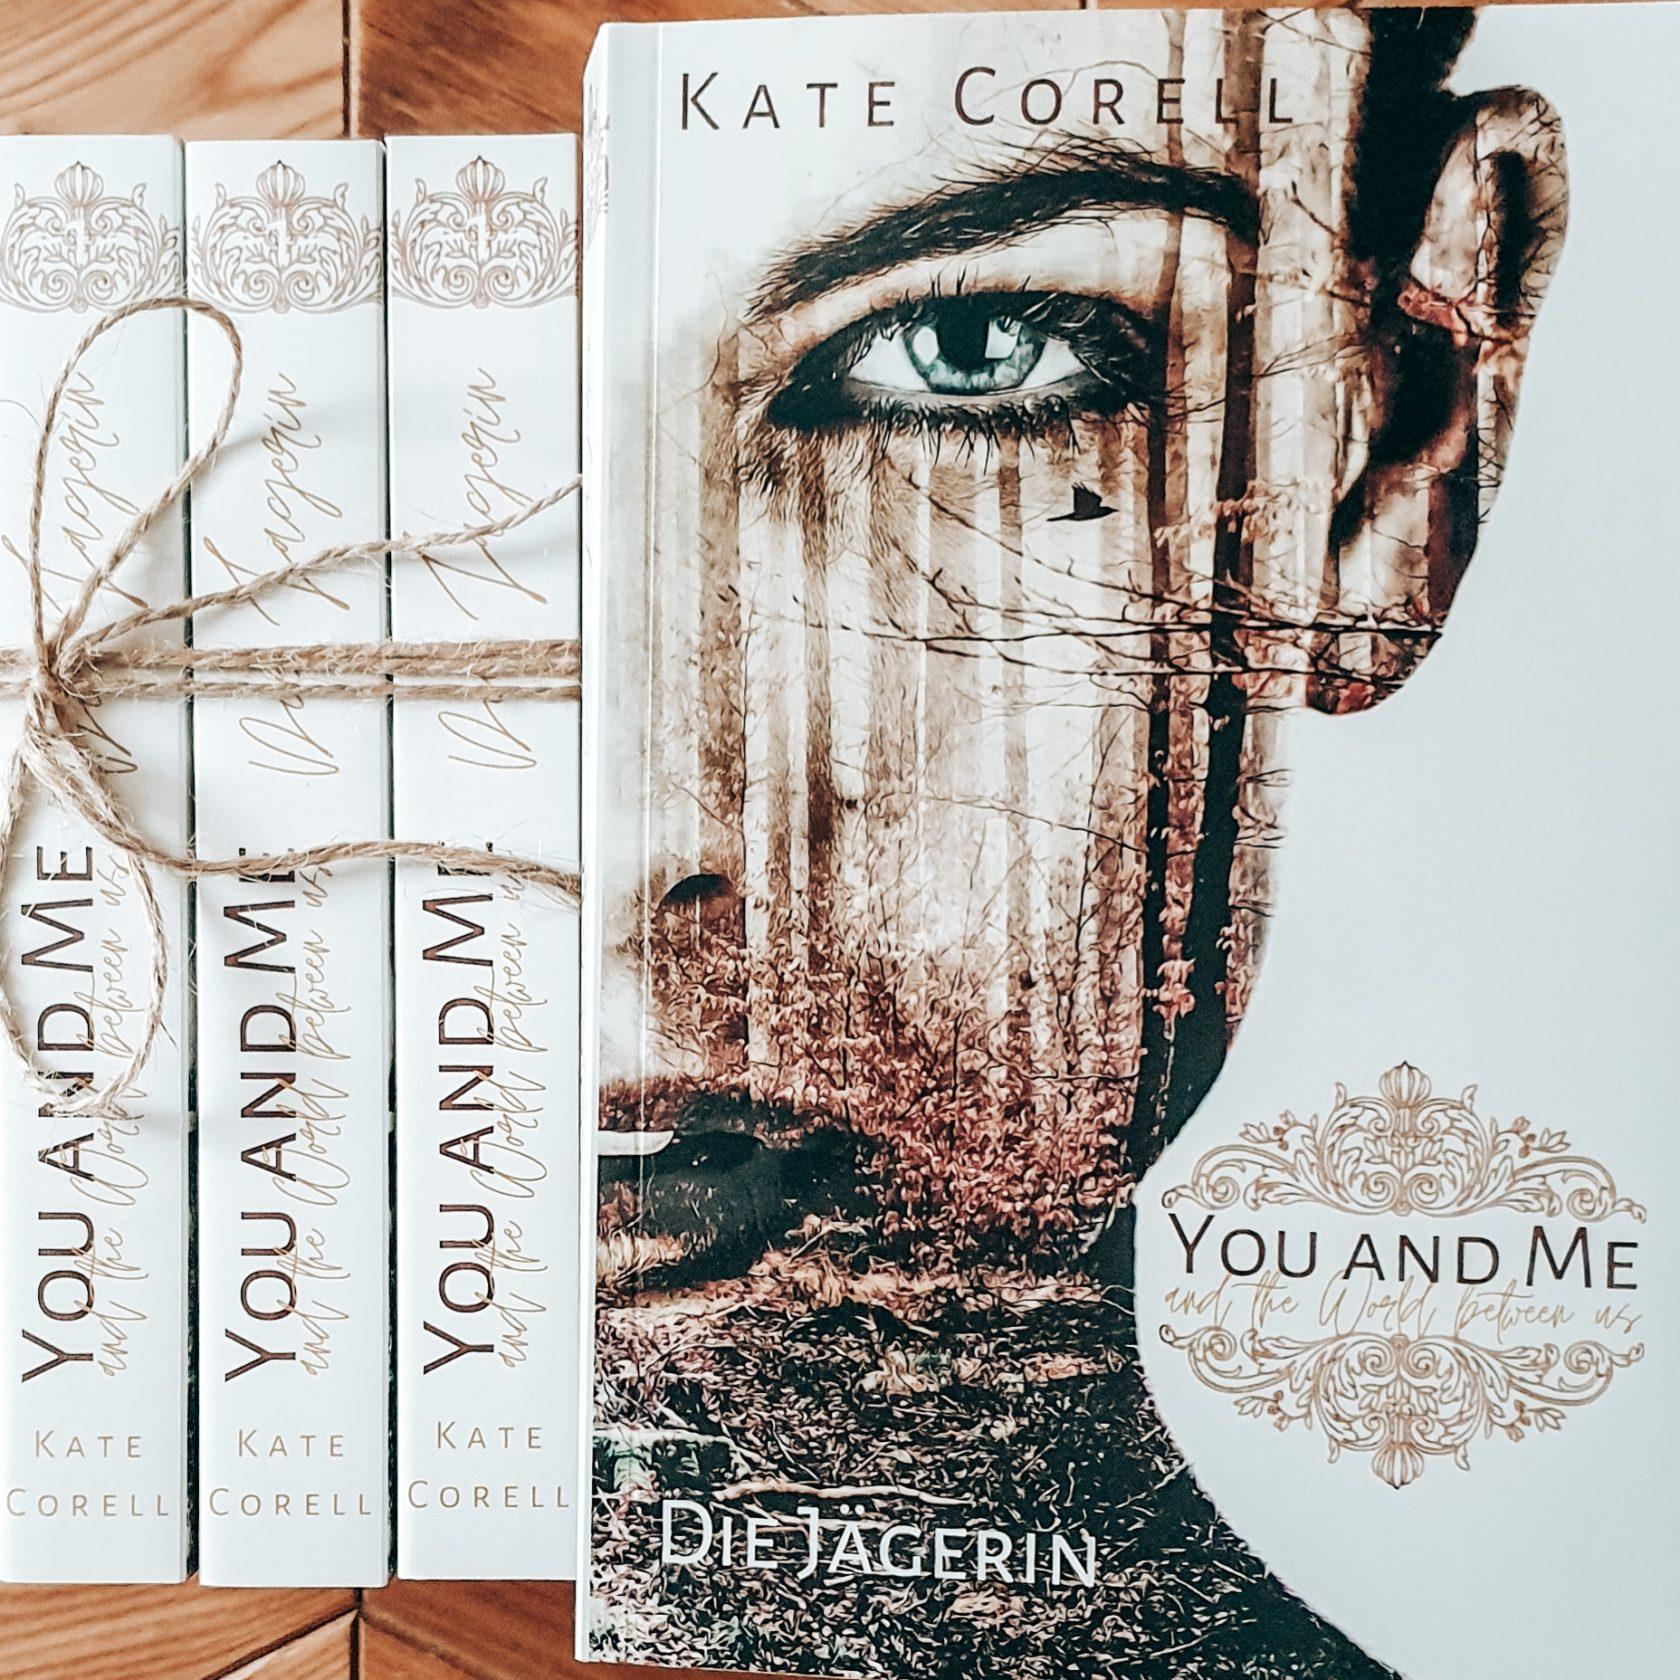 Taschenbuch Kate Corell YaM – Die Jägerin -limitierte Ausgabe- (Romantasy)